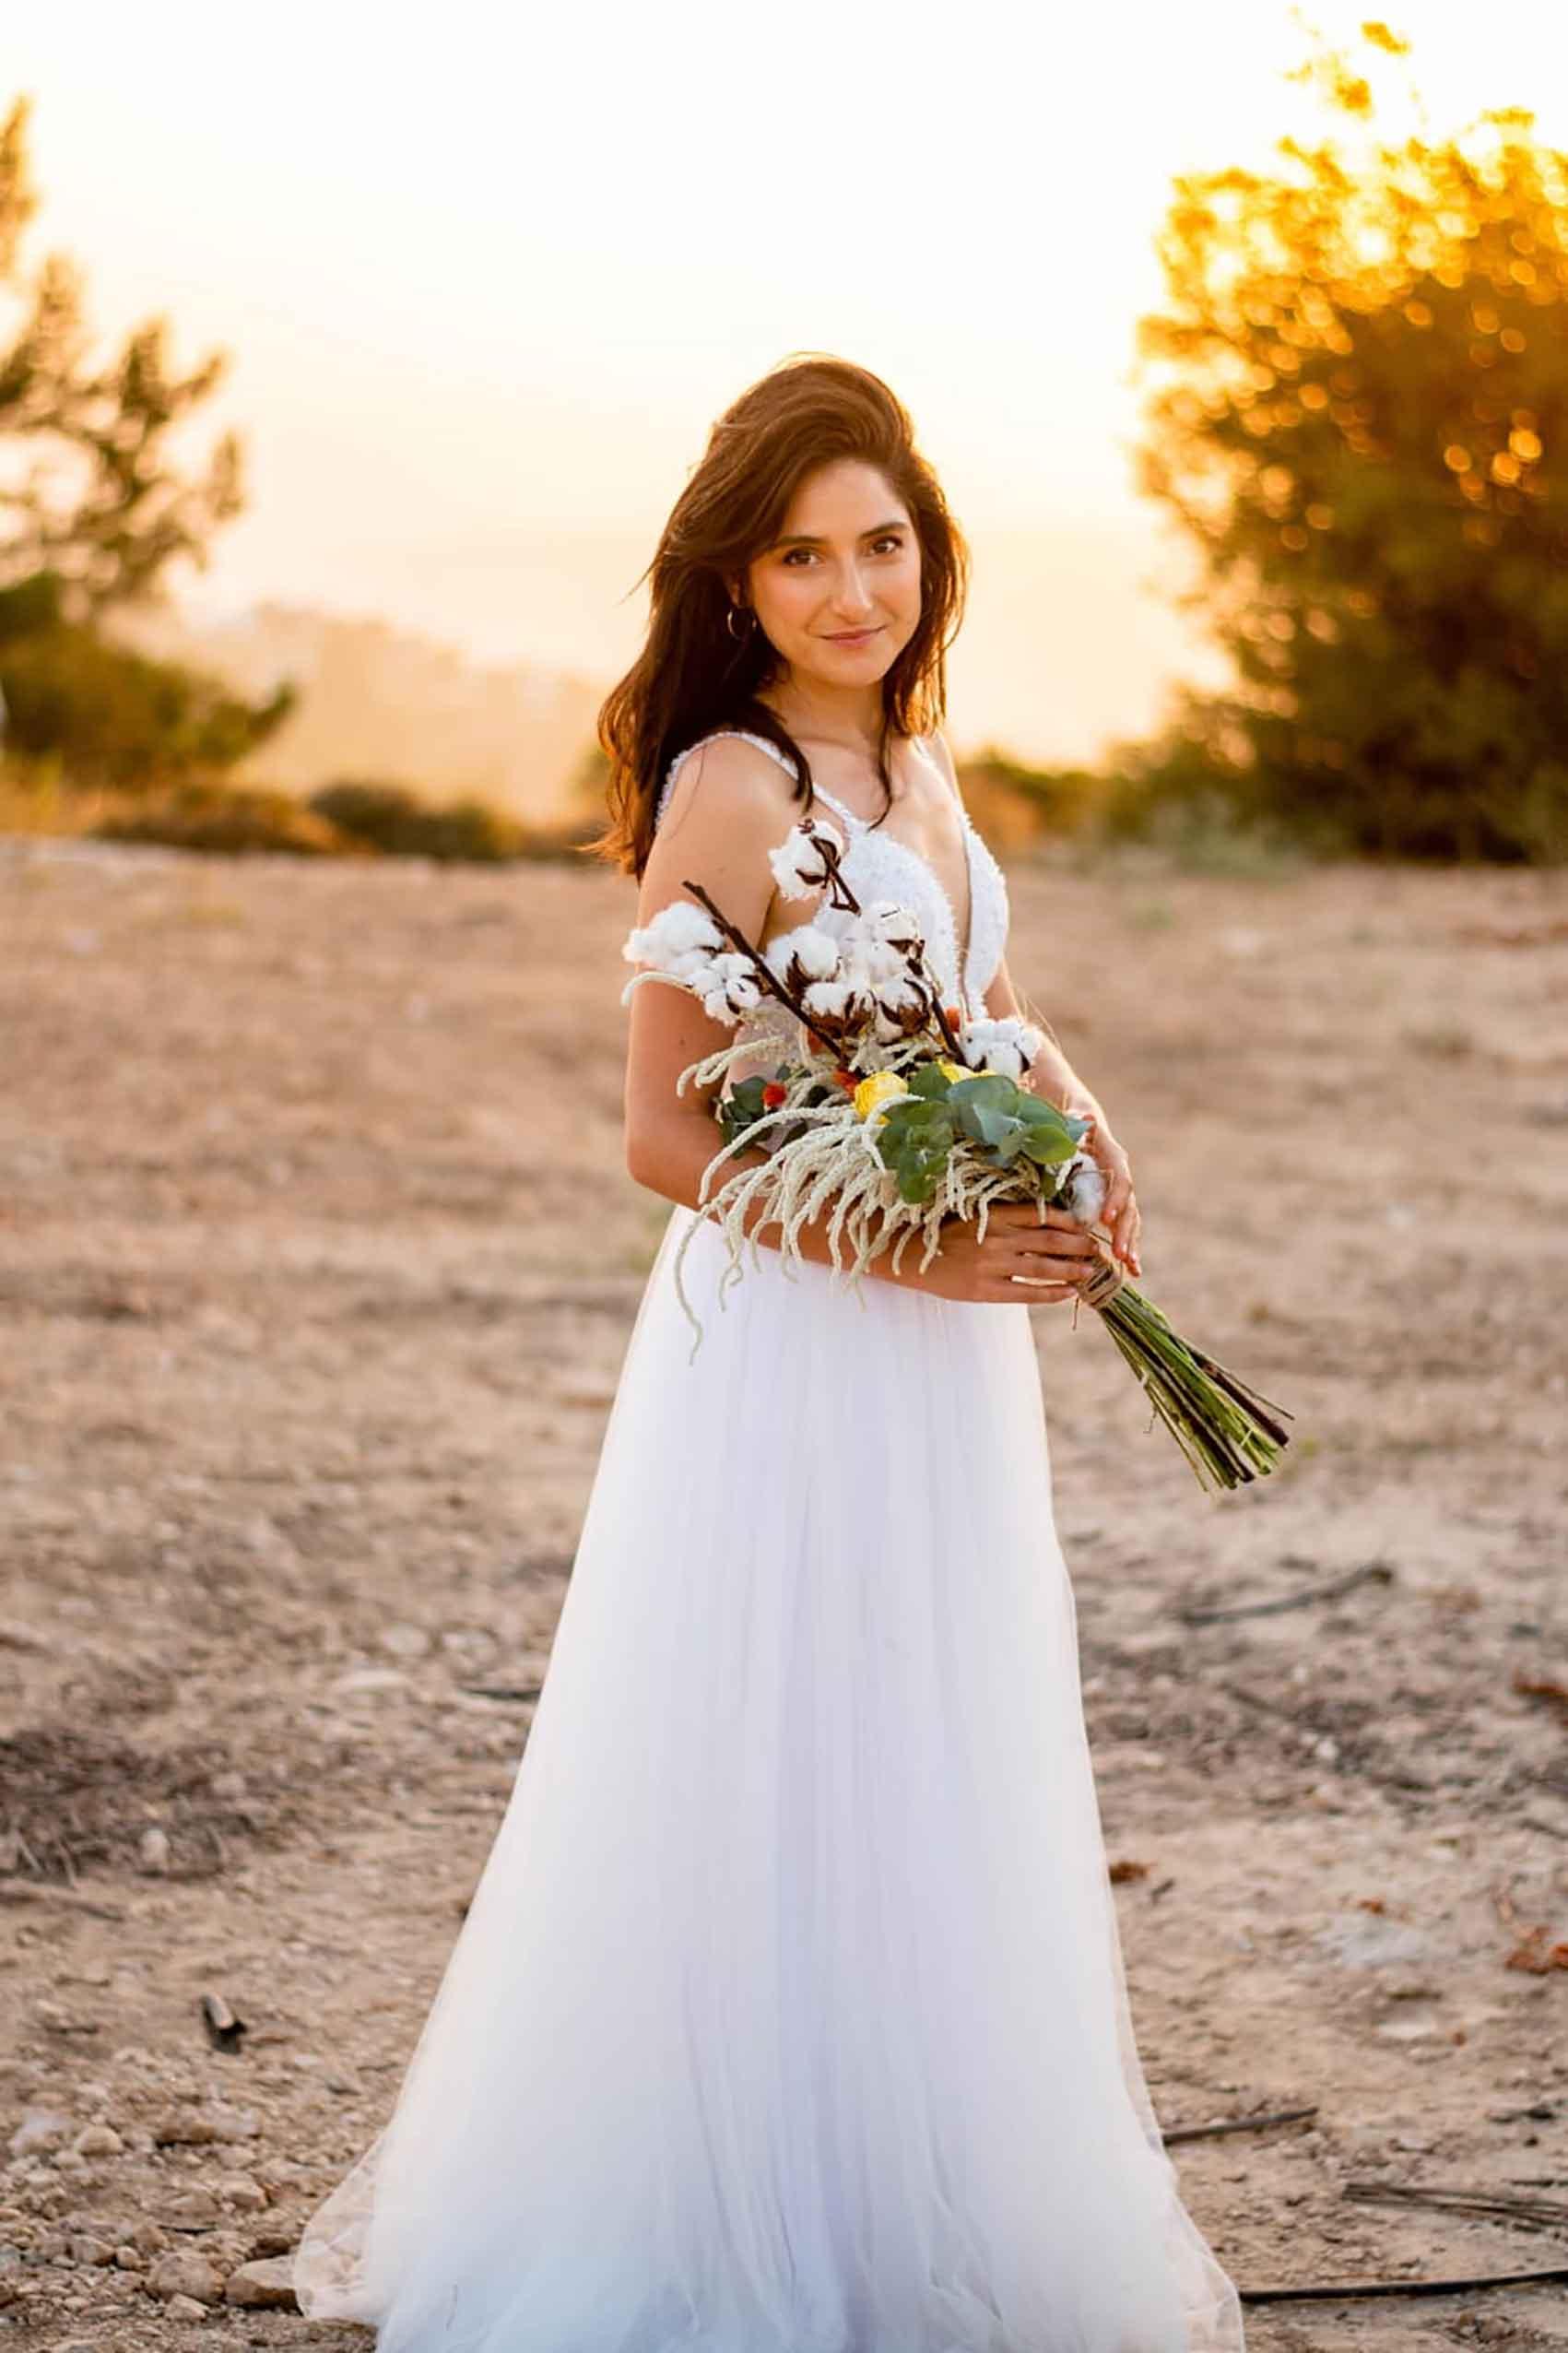 אהבת-הדס-שמלות-כלה-ב-700-שקל-אופנה